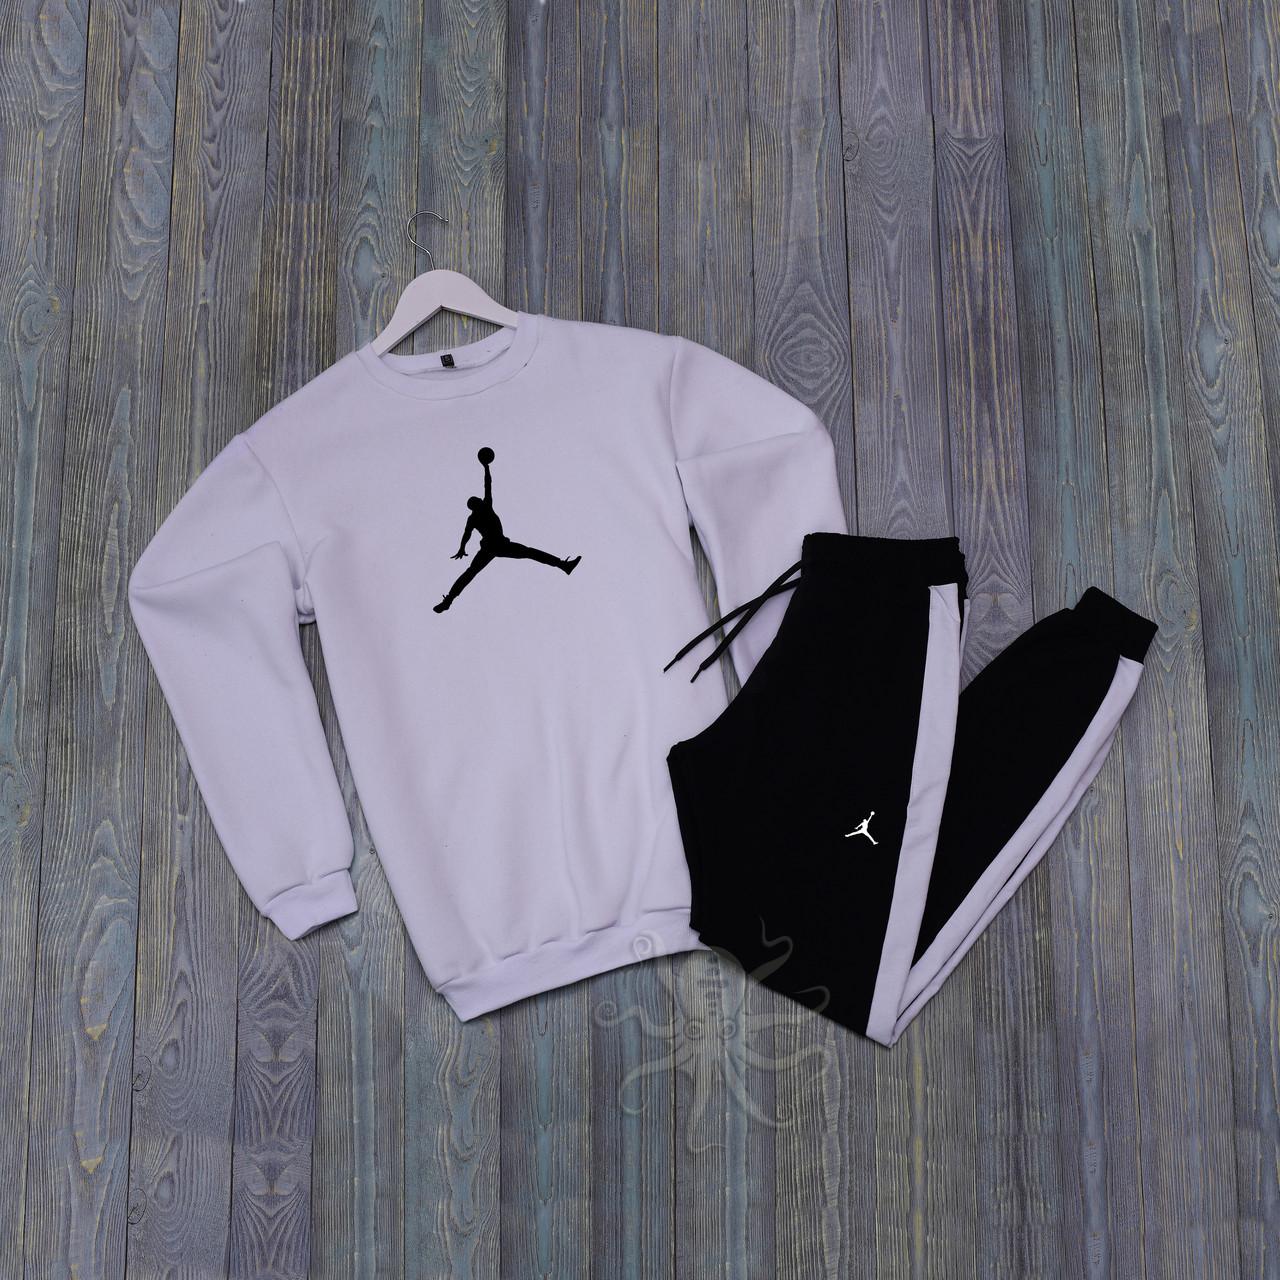 Спортивний костюм реглан біла кофта і чорні штани Джордан